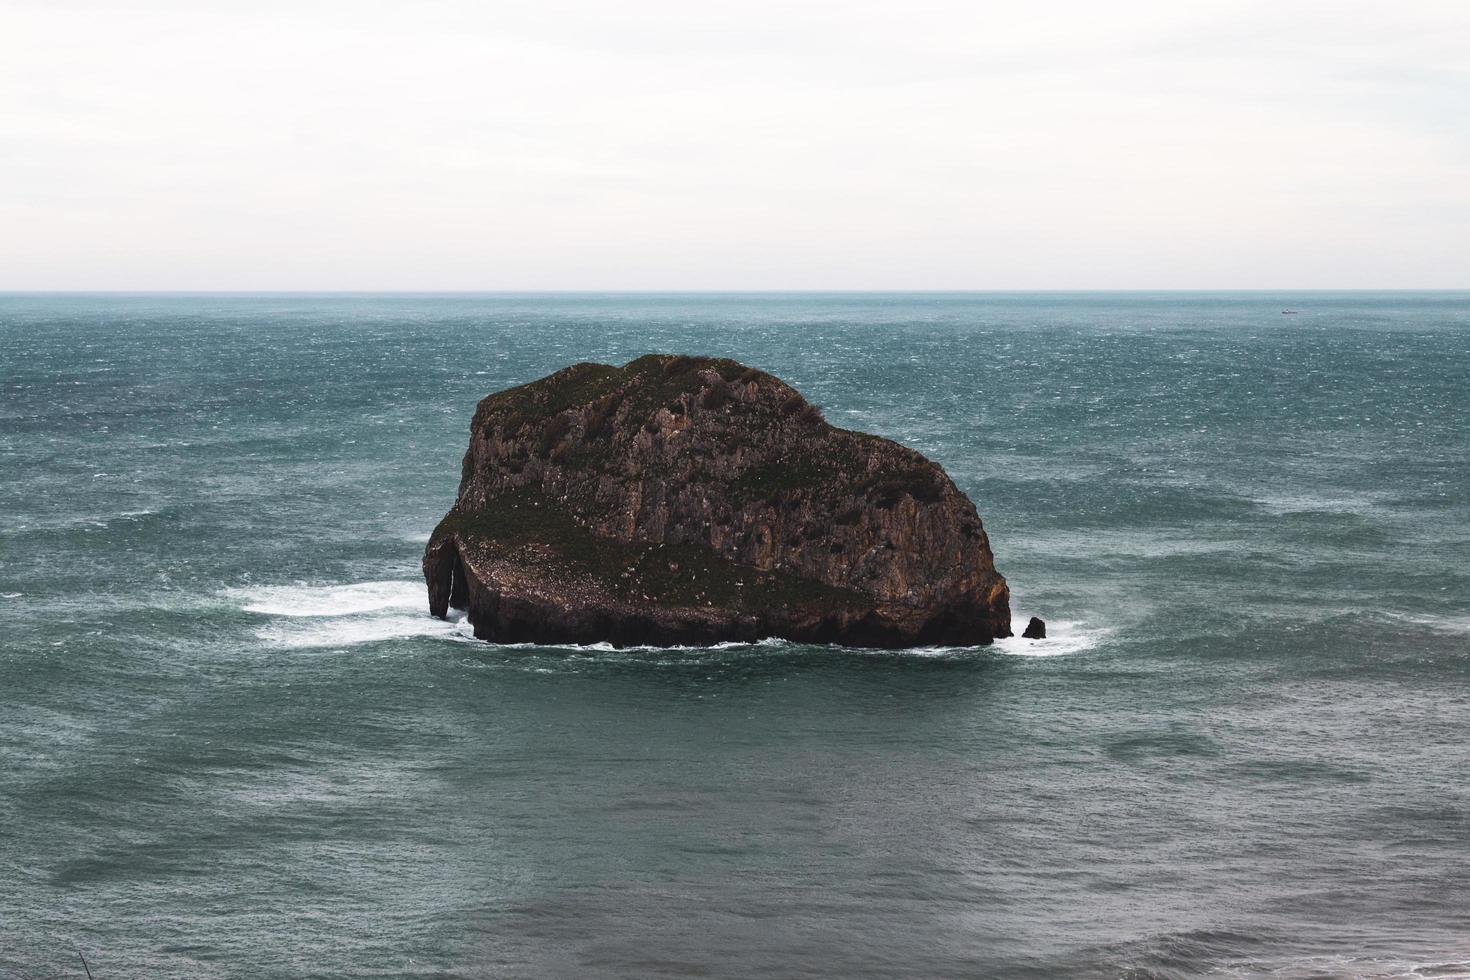 braune Felsformation auf See unter weißem Himmel foto